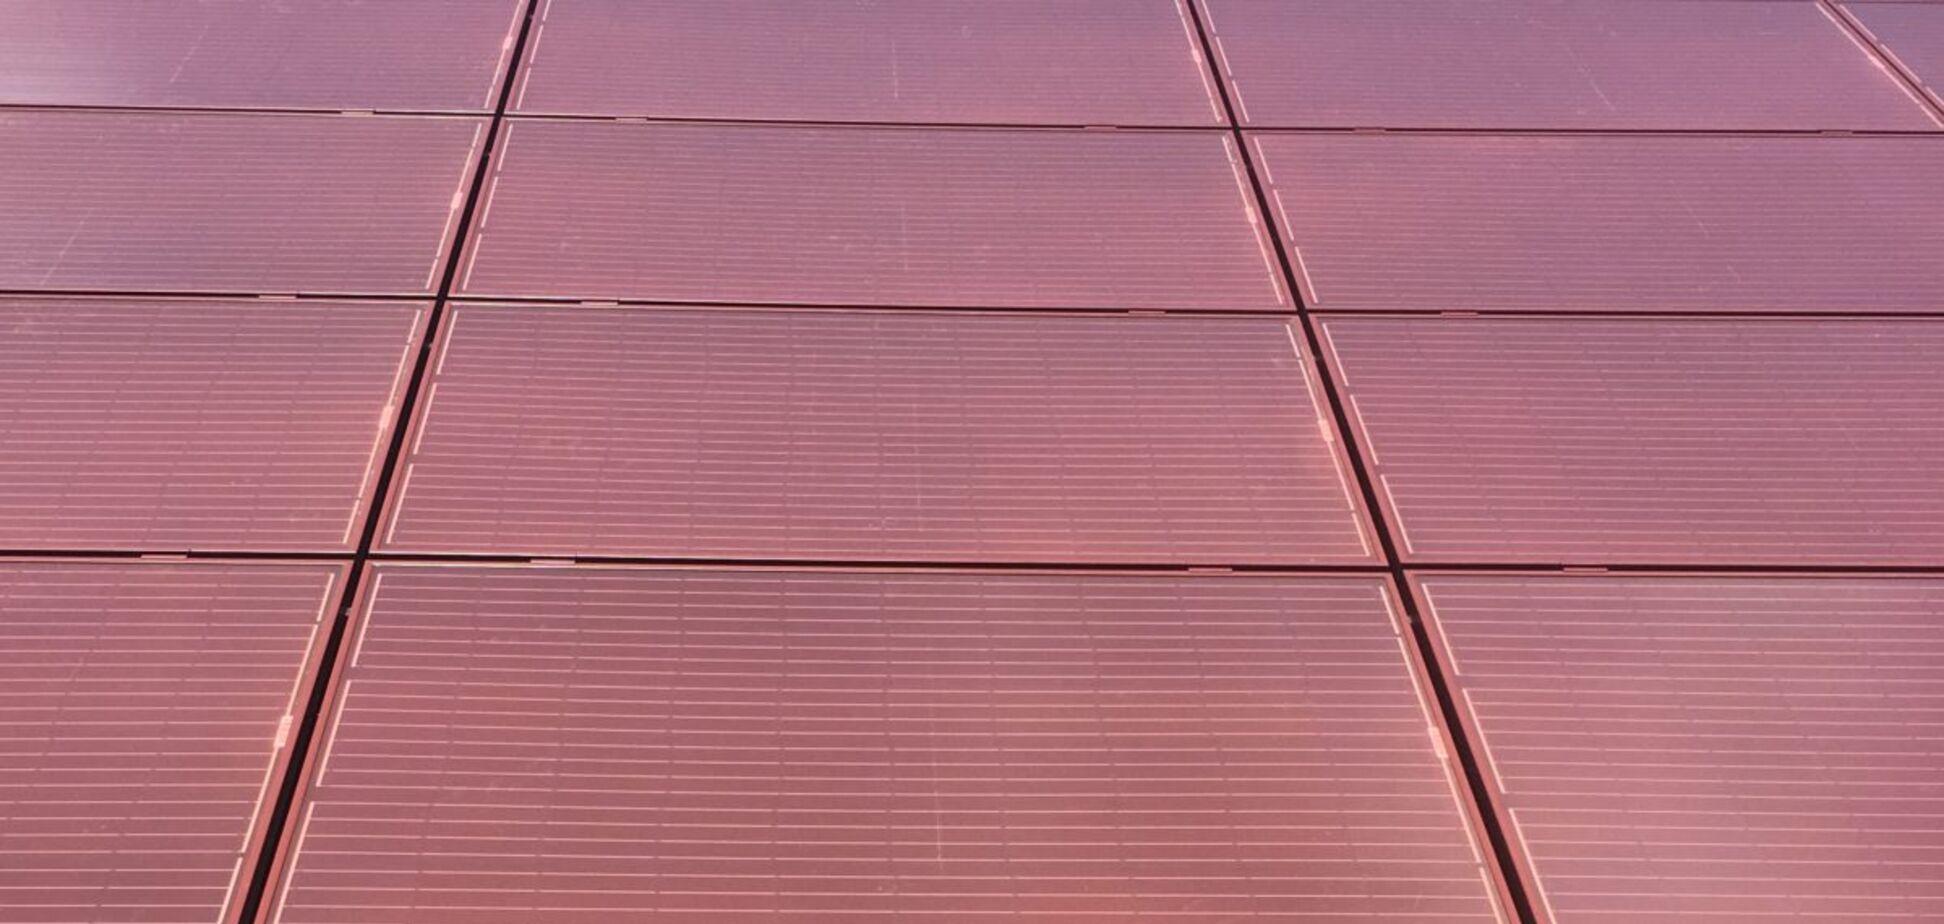 В Італії створили незвичайні різнокольорові панелі: який це має вигляд